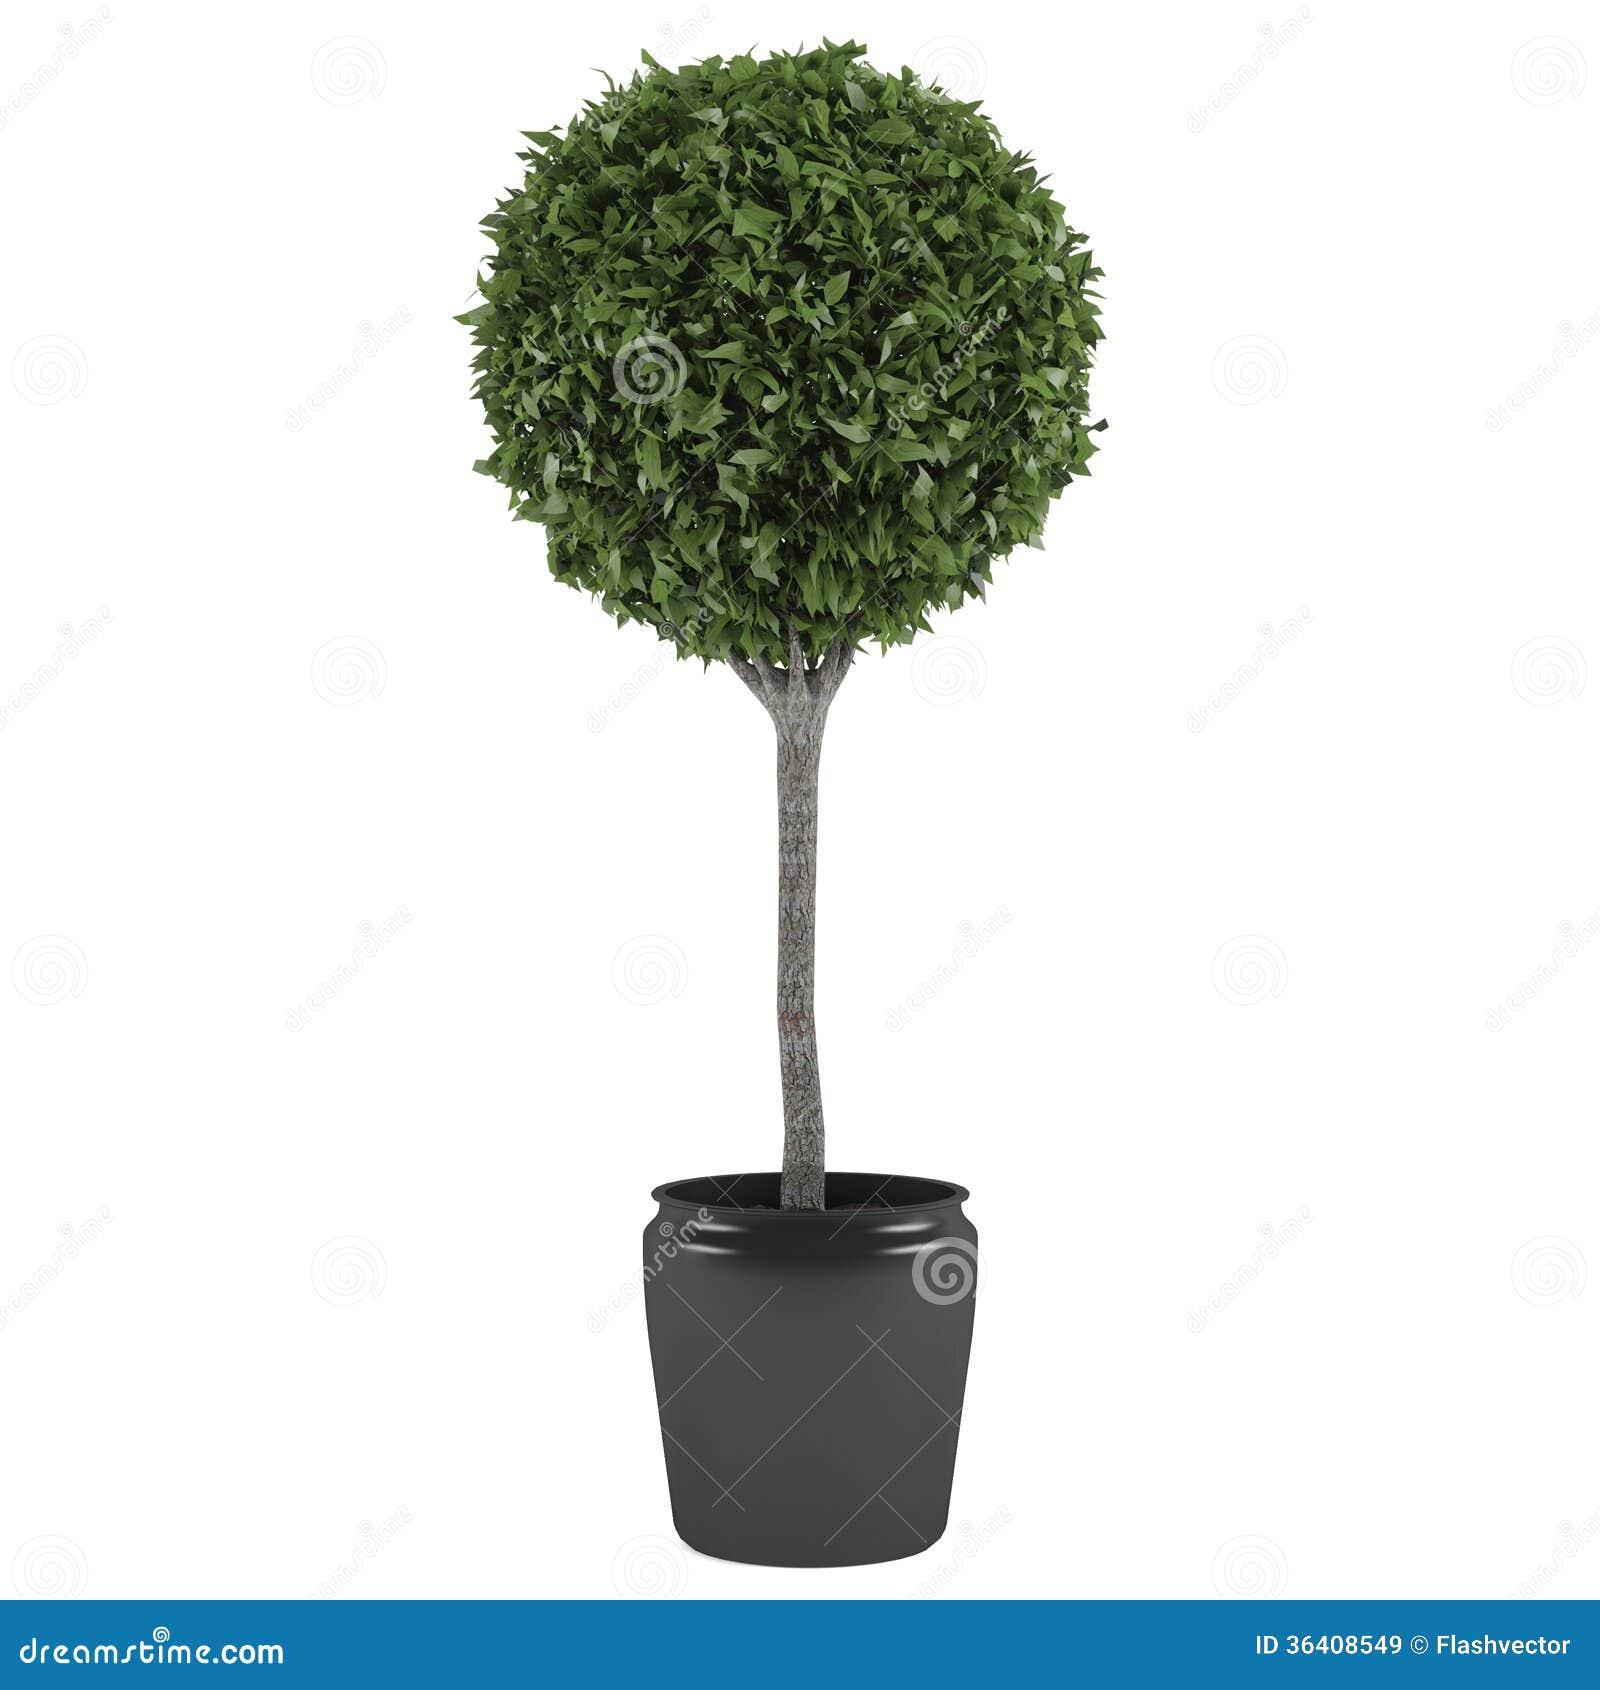 Topiarybaumtopf